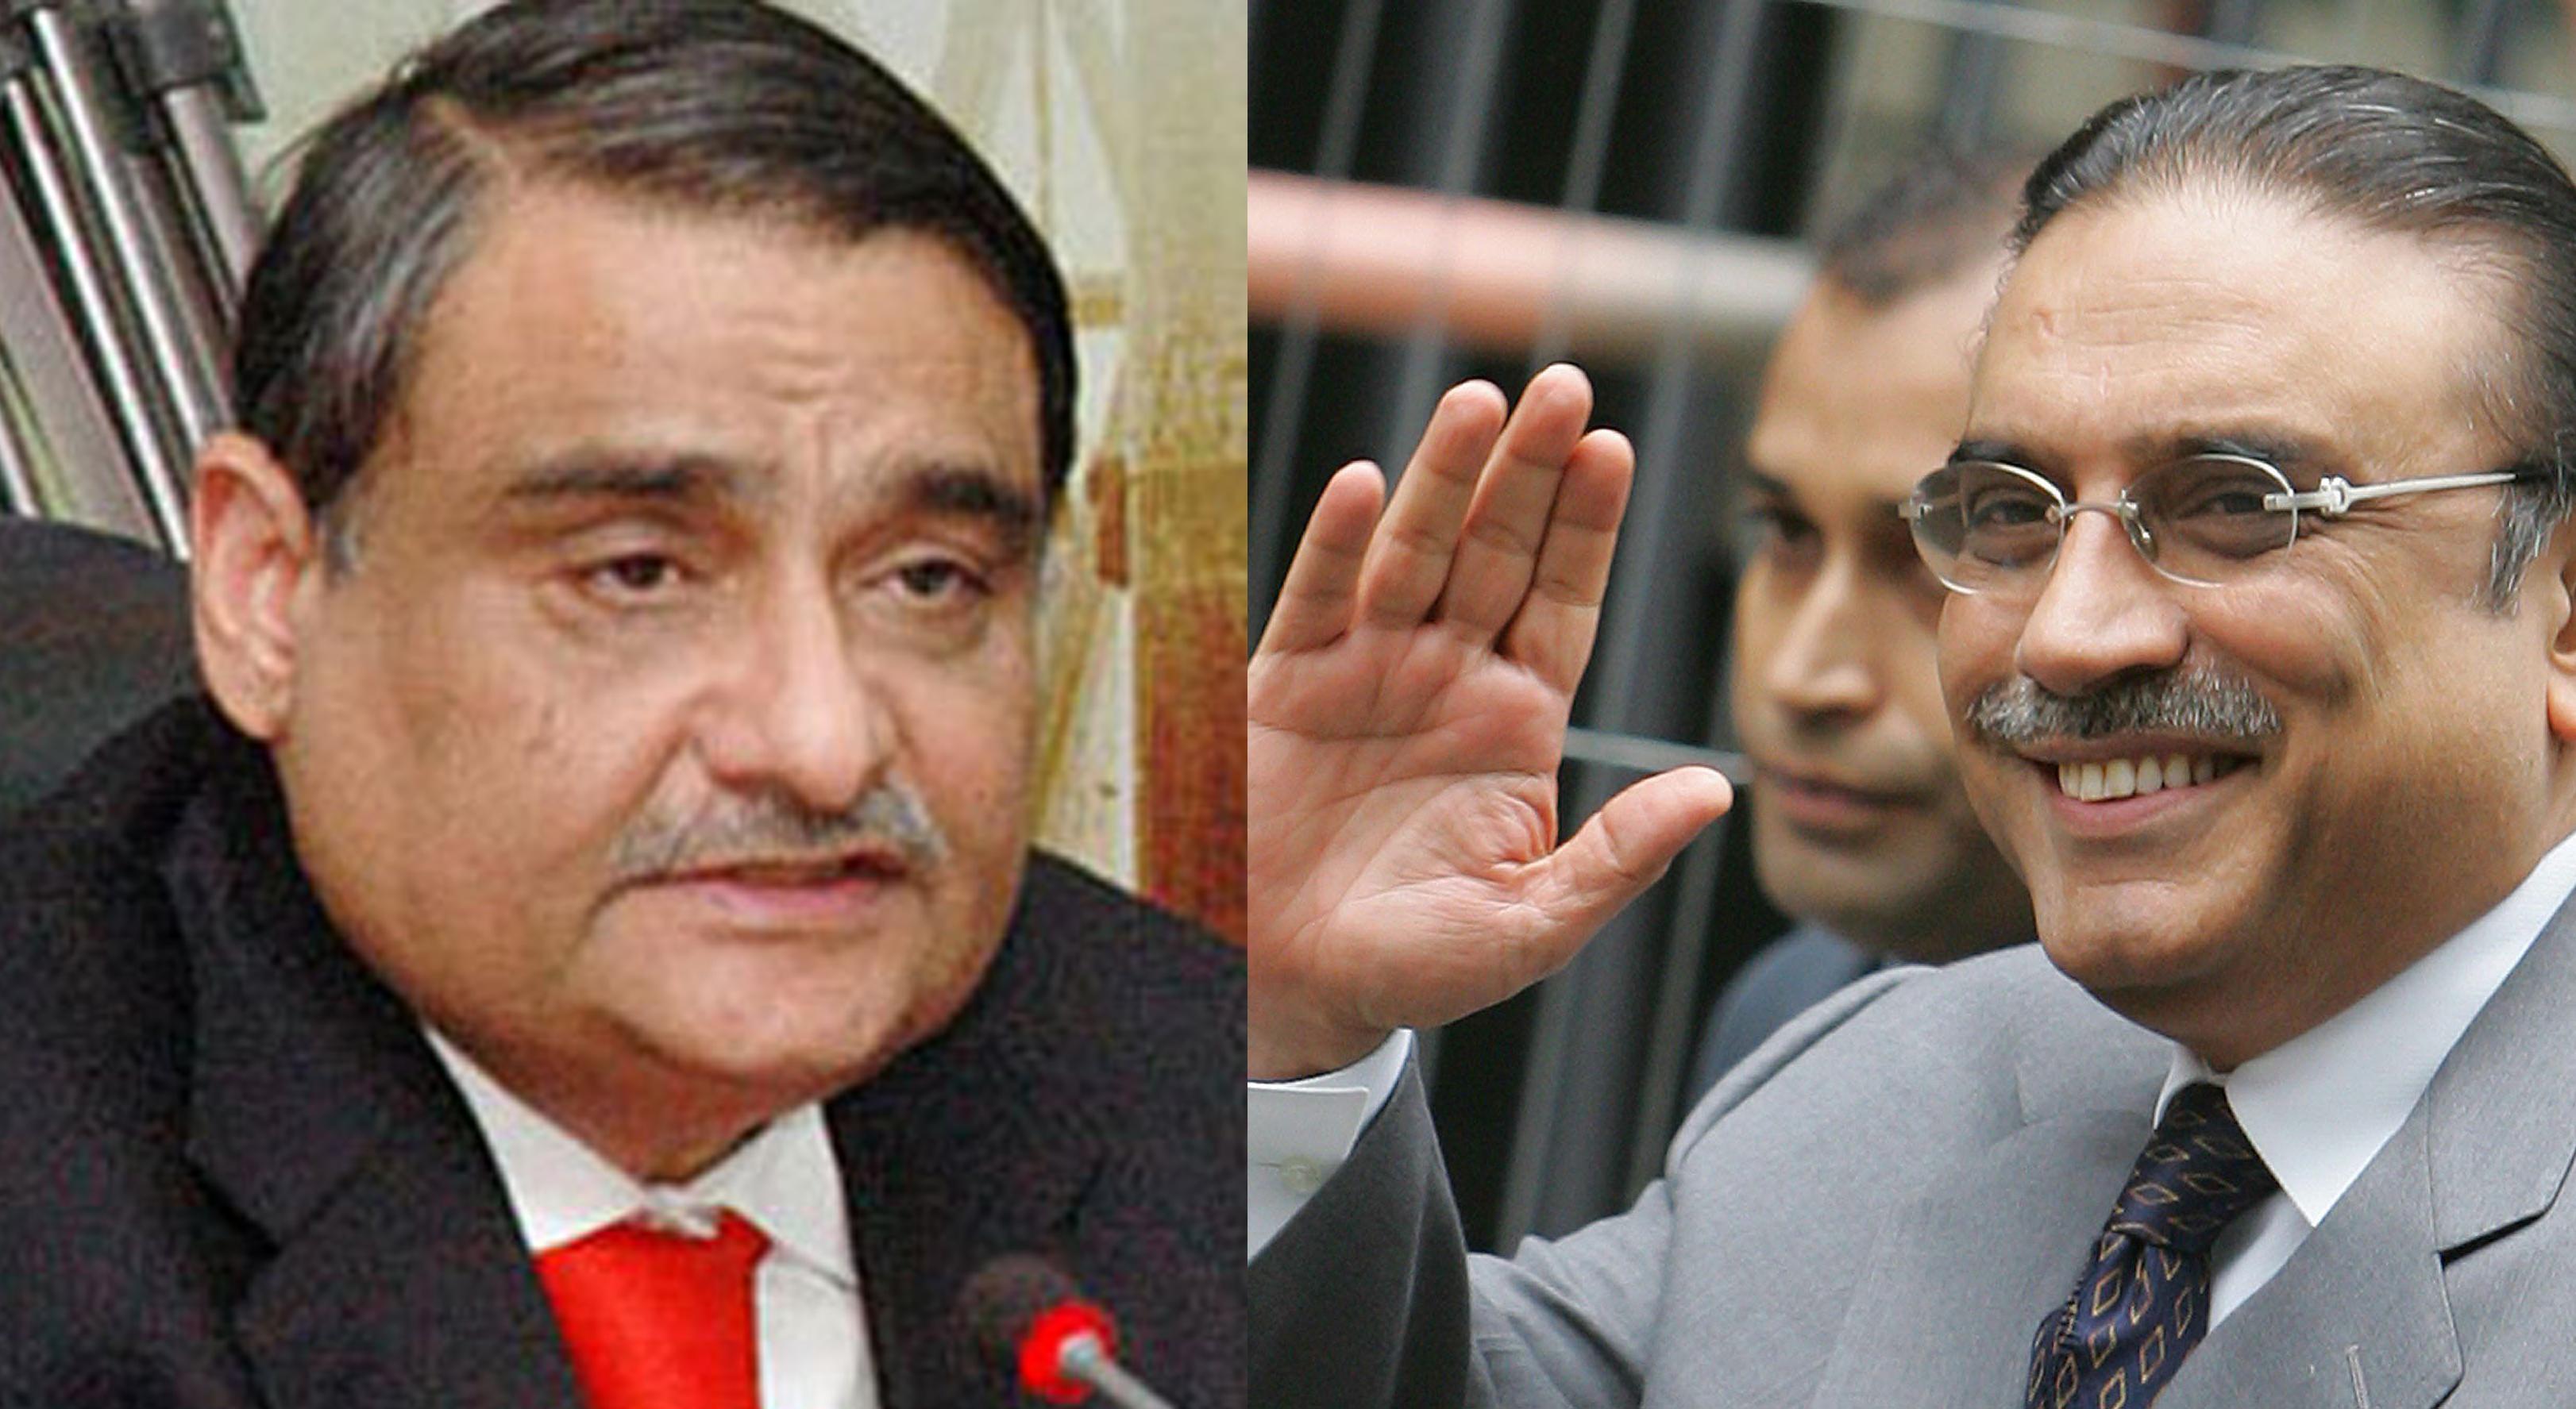 ڈاکٹر عاصم حسین نیب کے حوالے: زمینوں پر قبضےاور منی لانڈرنگ کے الزامات کے تحت مقدمہ درج